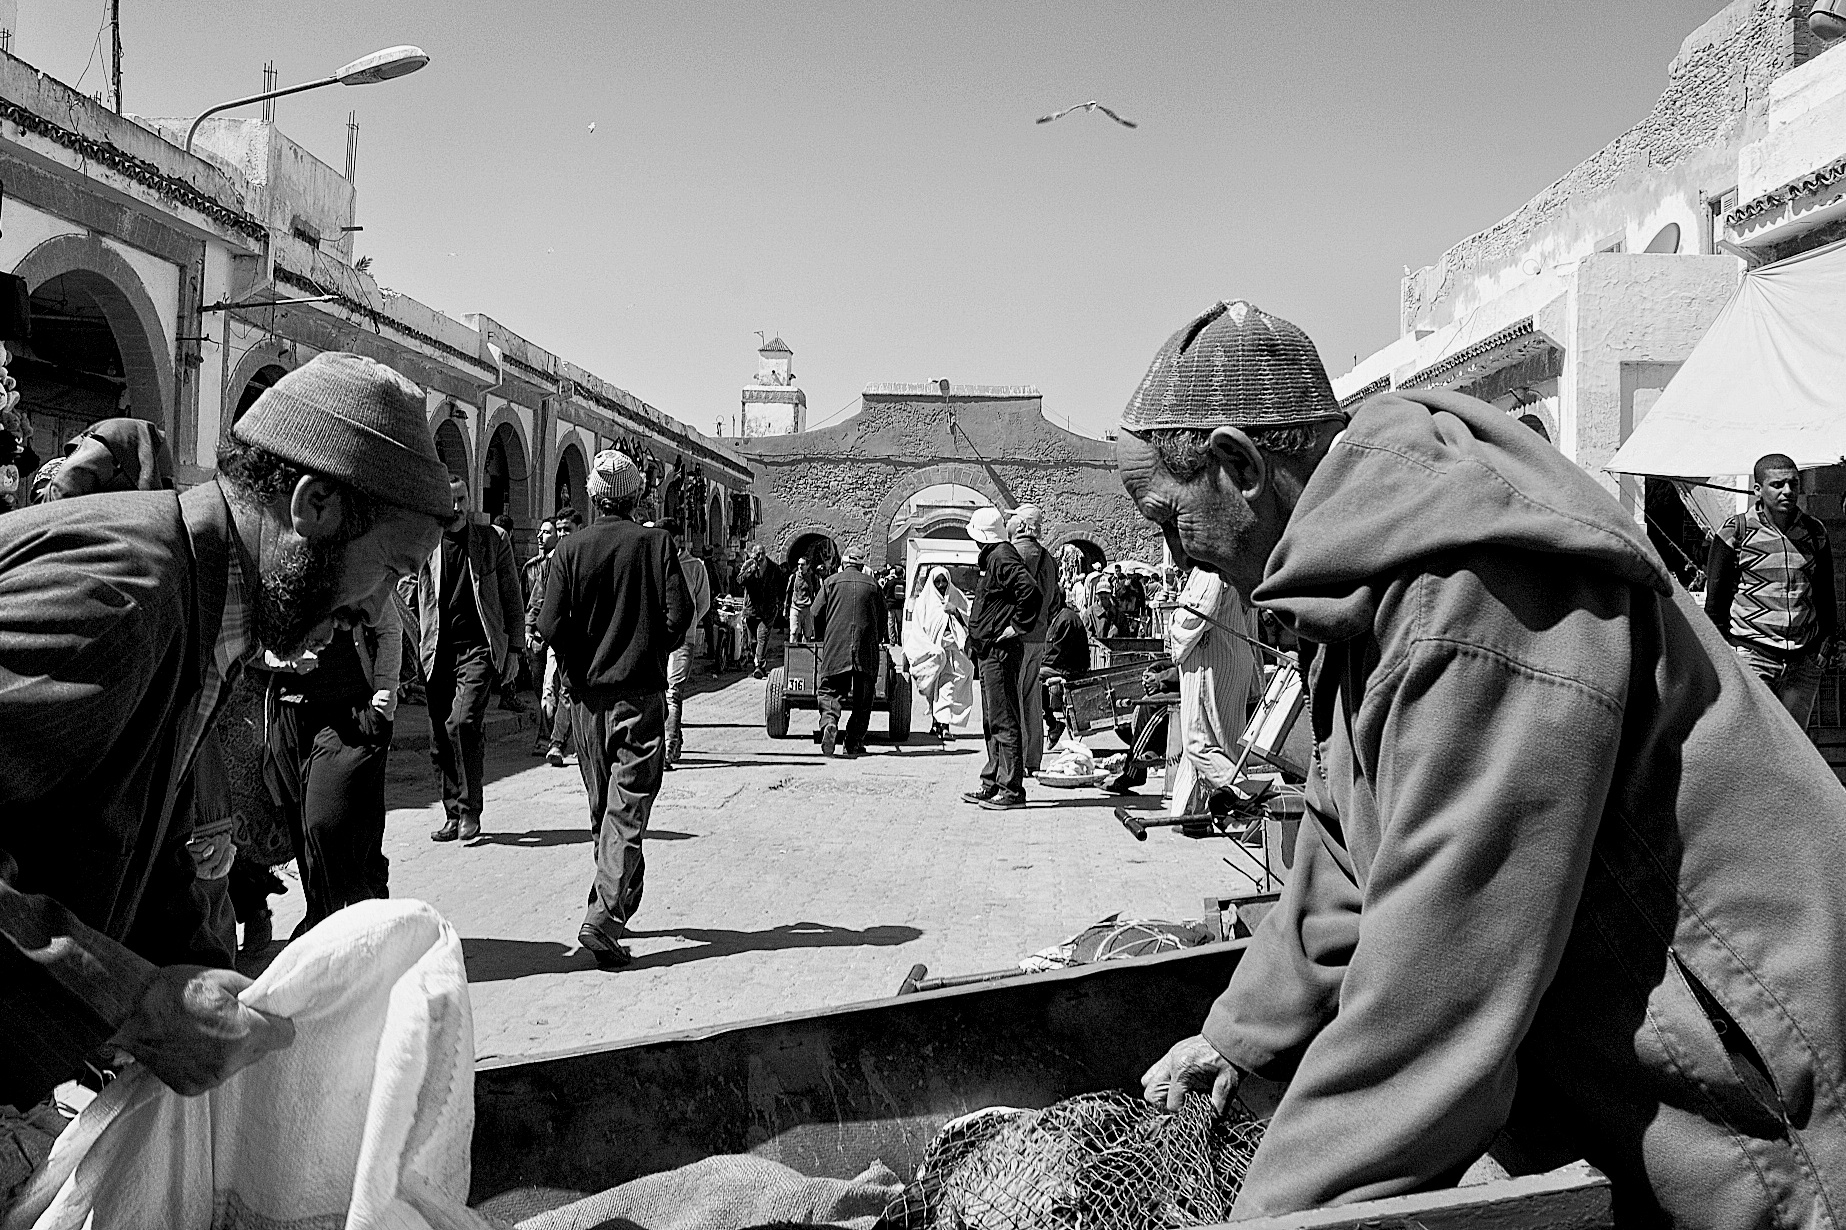 Vibrant market in Essaouira, Morocco